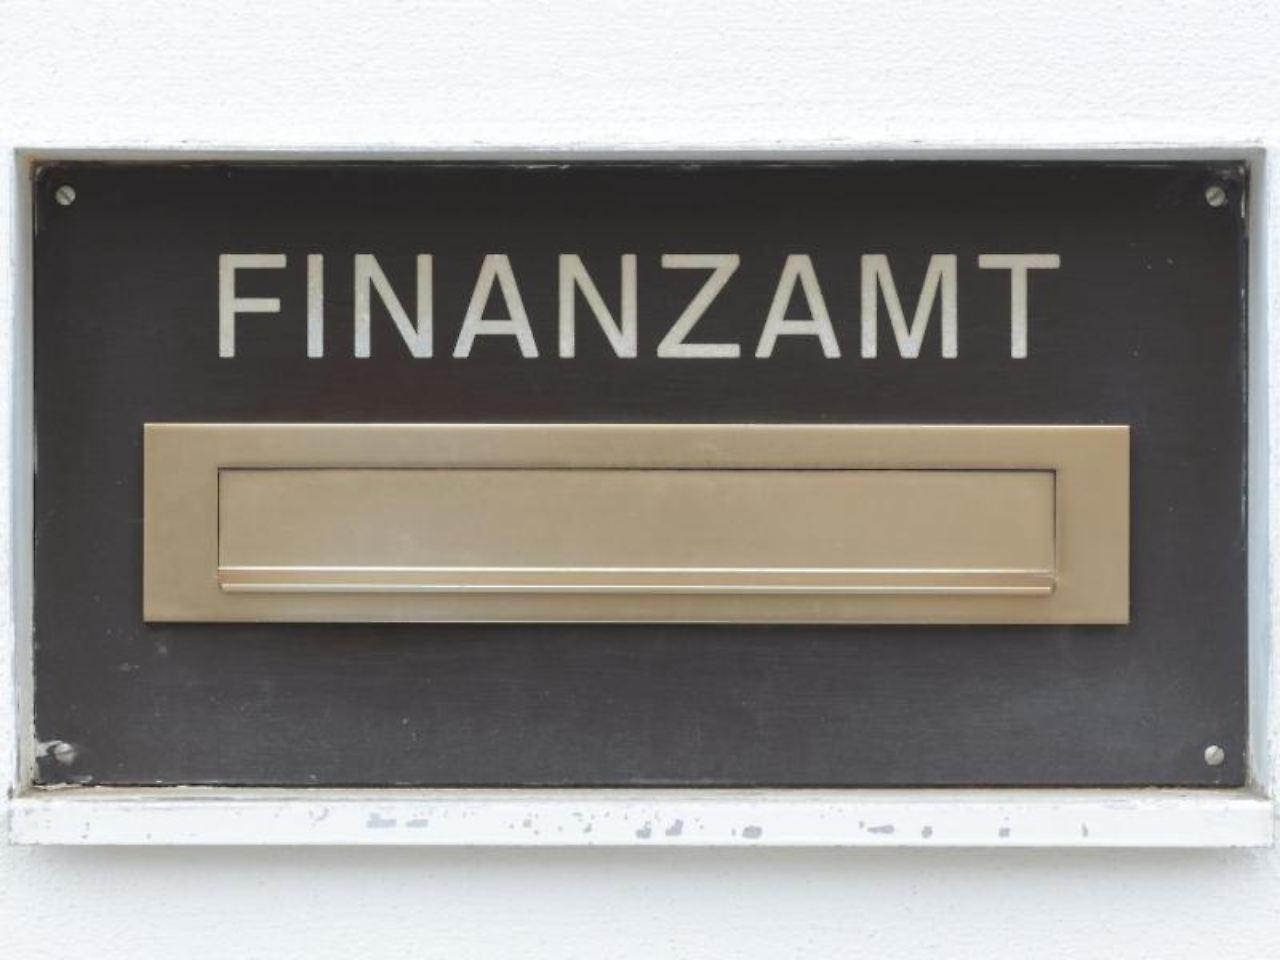 Finanzamt: Grundsätzlich Lassen Sich Verpflegungspauschalen Steuerlich  Absetzen   Jedoch Nicht, Wenn Der Chef Das